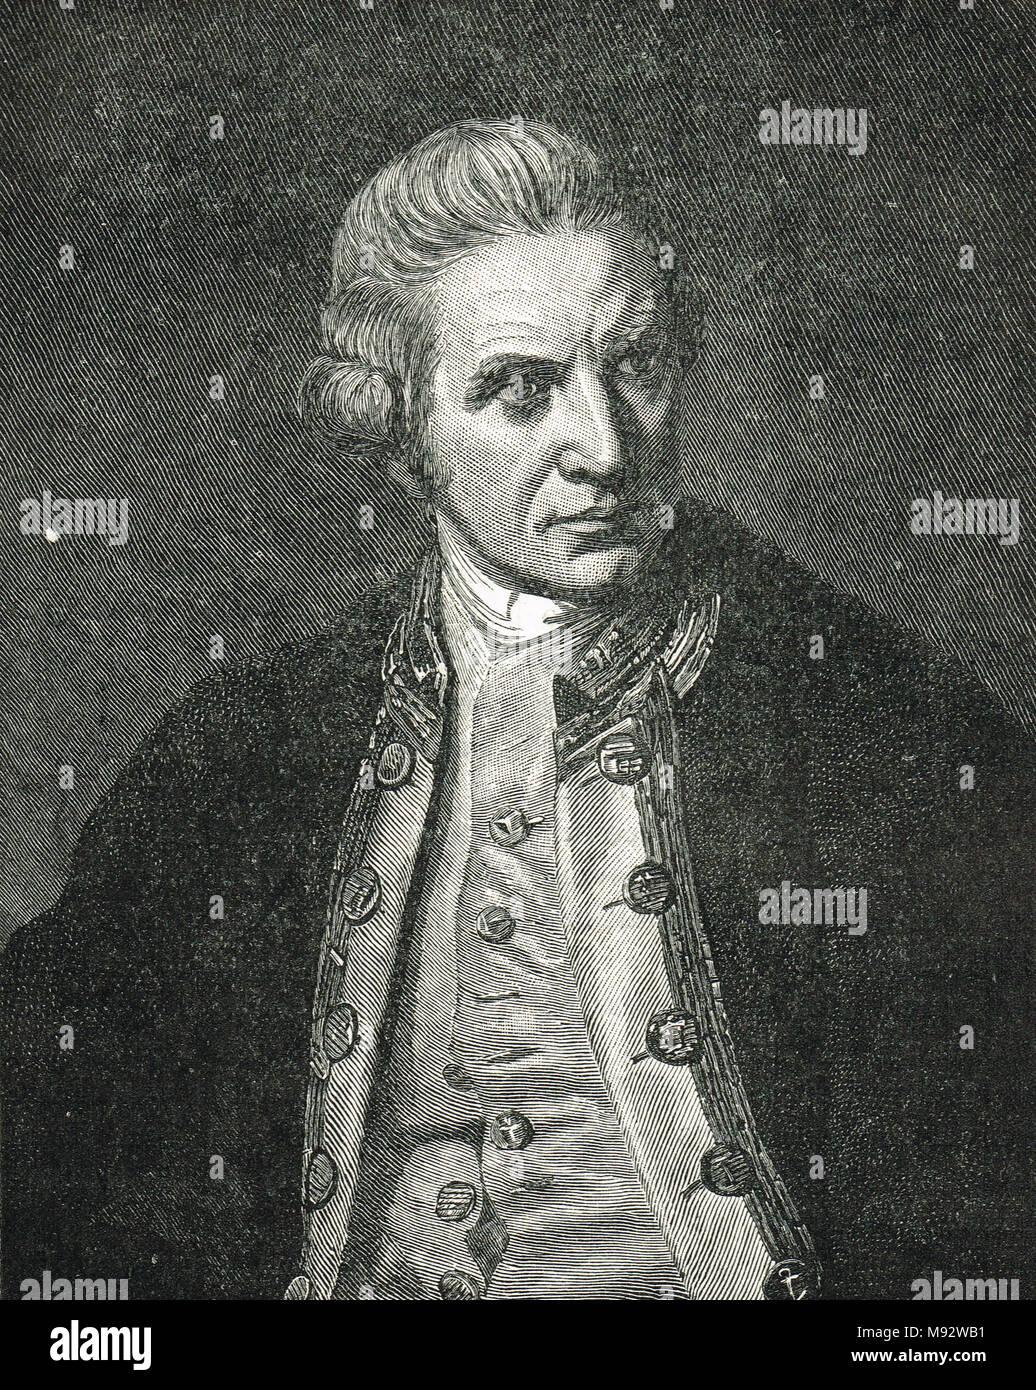 Captain James Cook, 1728–1779, British explorer, navigator, and cartographer - Stock Image